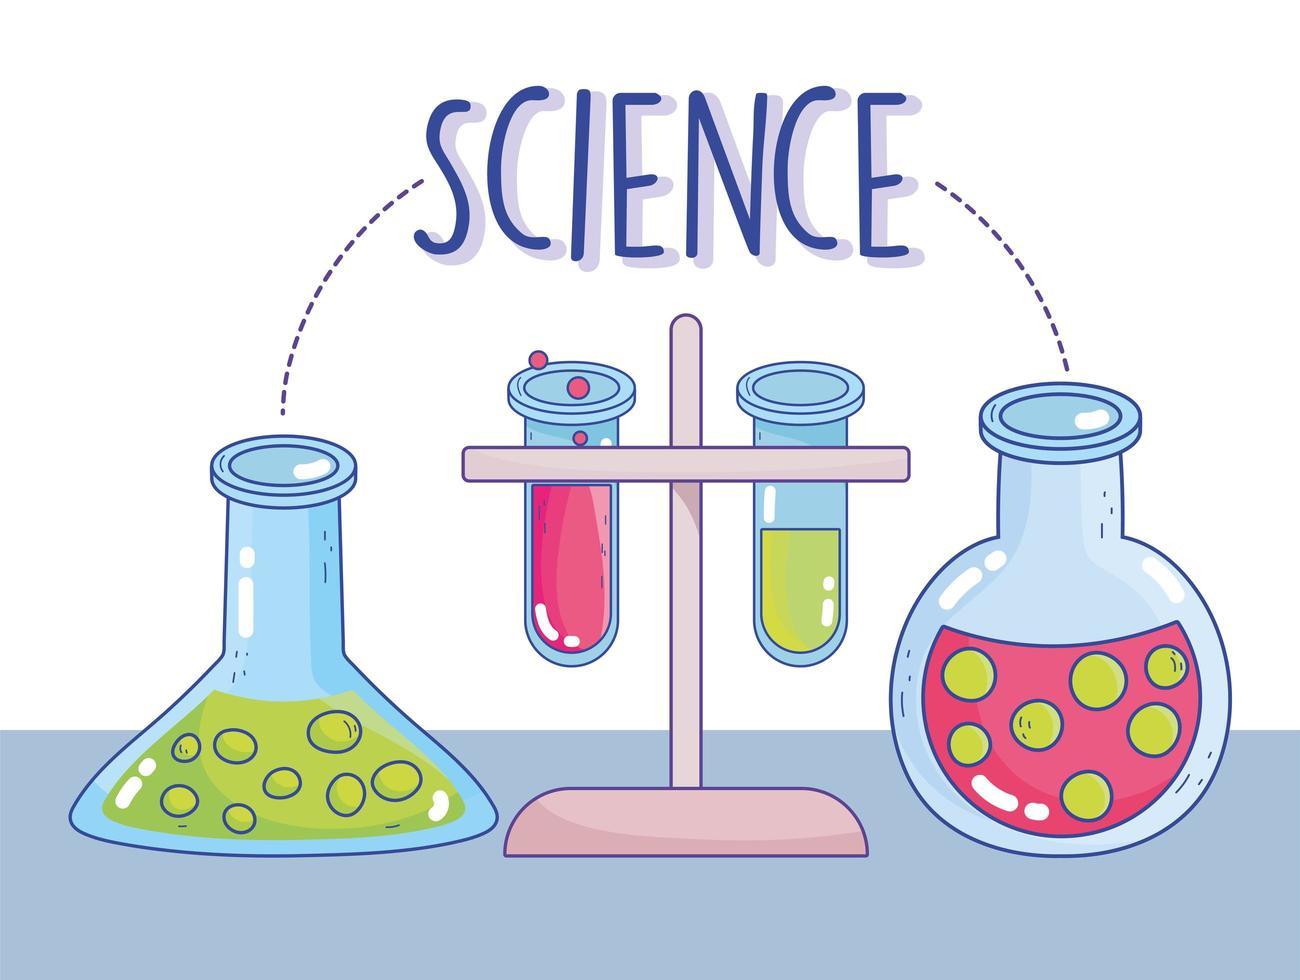 Wissenschaft Chemie Chemie Reagenzglas Rack Forschungslabor vektor